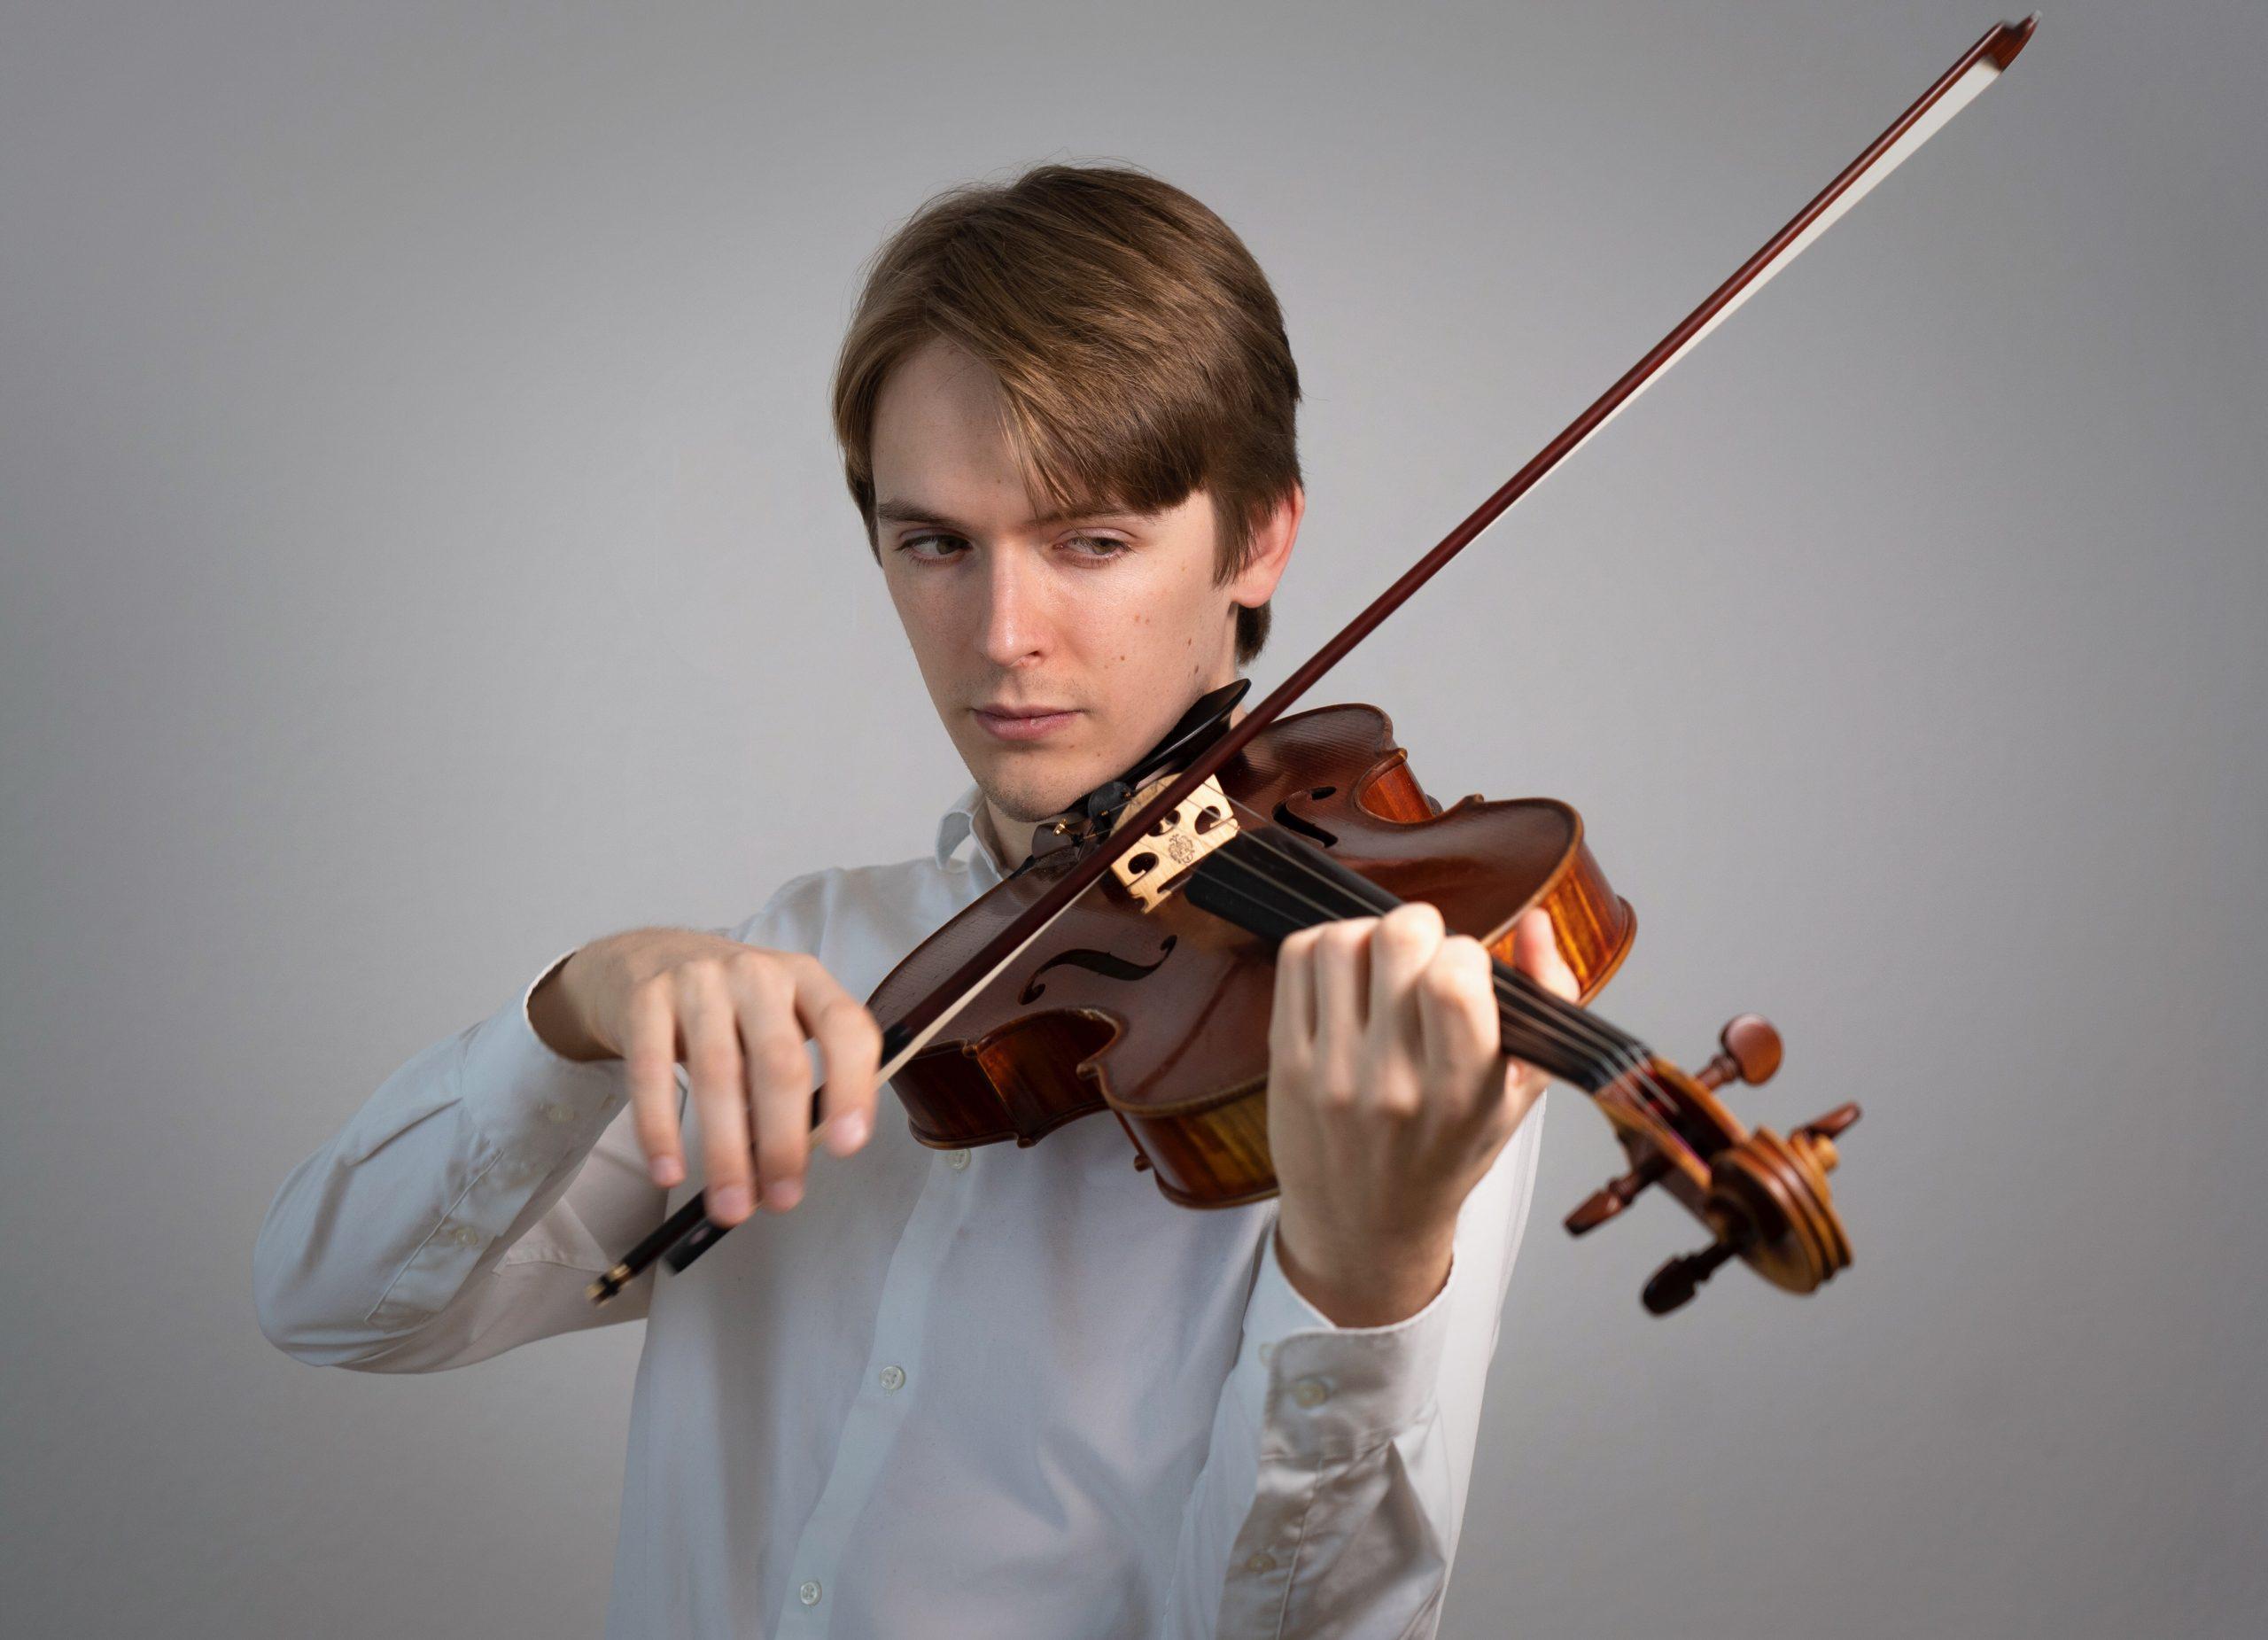 Benjamin Beck, viola, violist, altist, Bratscher, 中提琴, musician